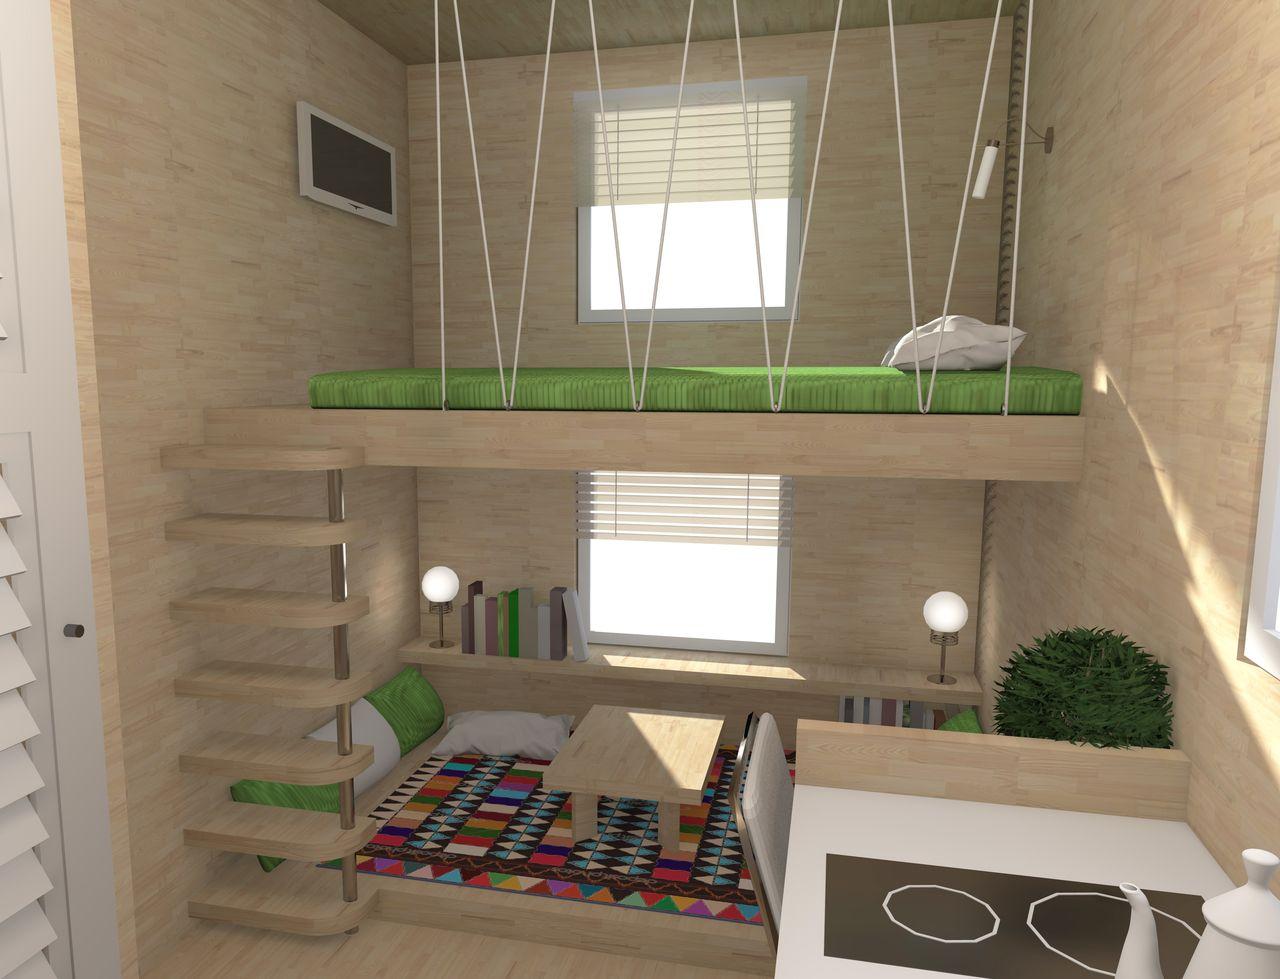 Домик из морского контейнера. Дизайн интерьера. Кровать и место для отдыха.